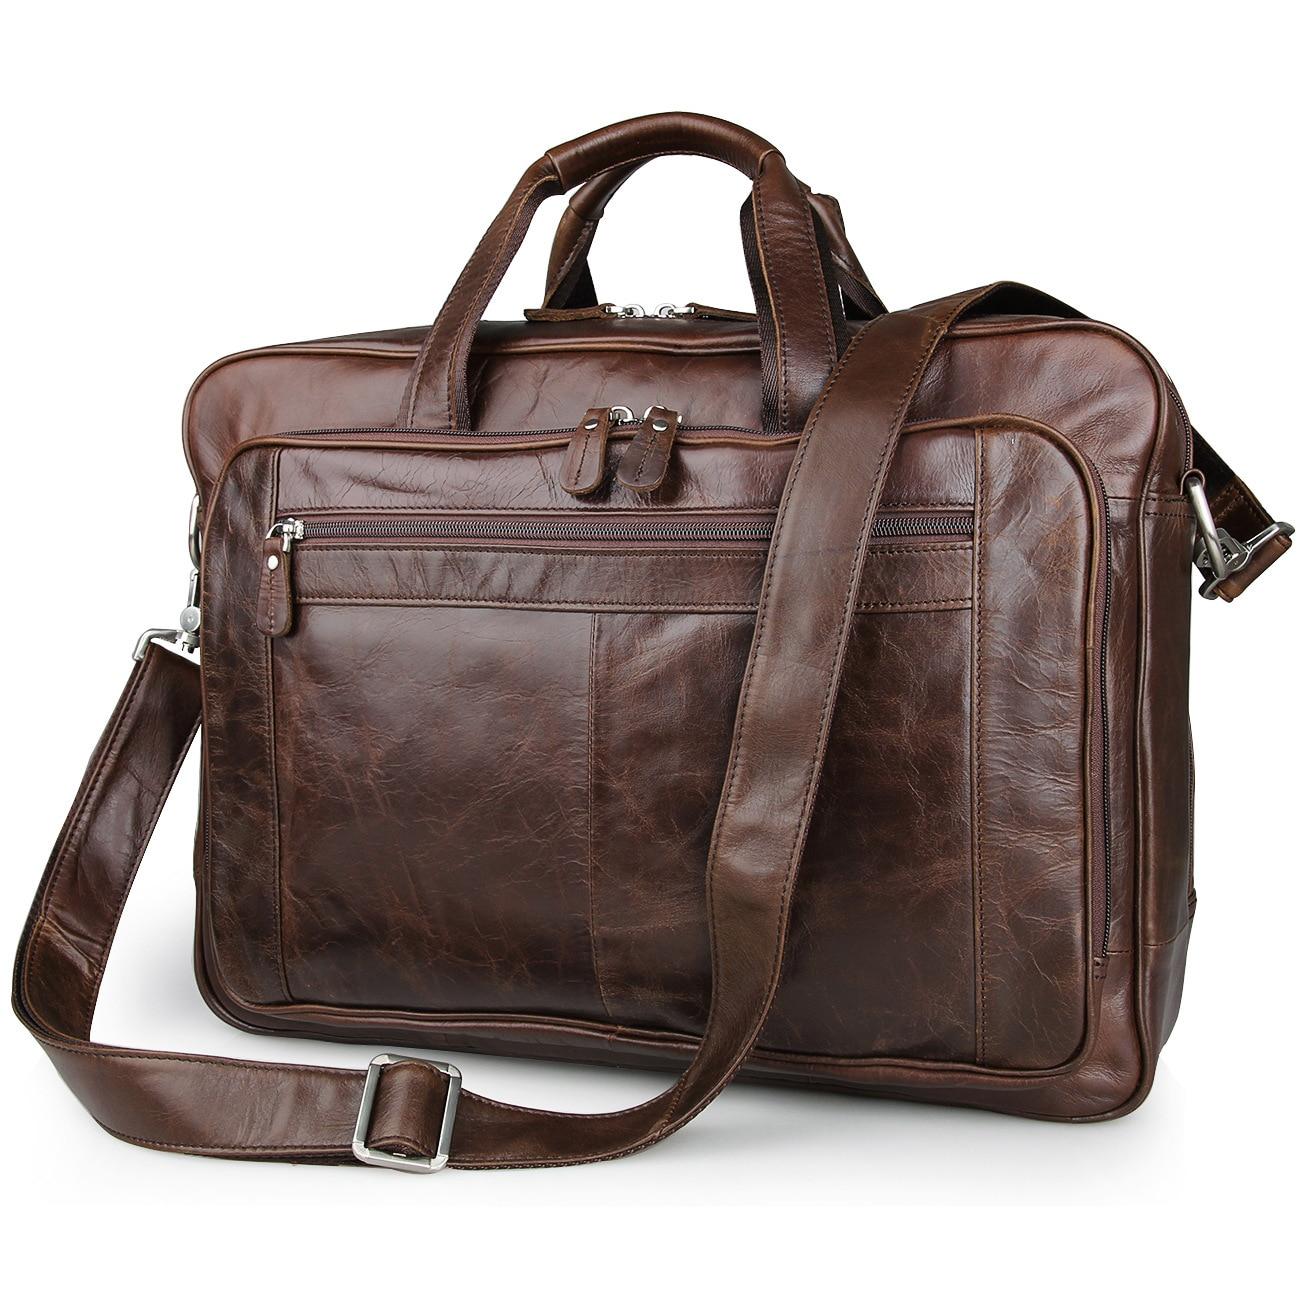 Fashion Vintage Mens Genuine Leather Briefcase Men Shoulder Bag Handbag Large Capacity Cowhide Business Laptop Tote Travel BagFashion Vintage Mens Genuine Leather Briefcase Men Shoulder Bag Handbag Large Capacity Cowhide Business Laptop Tote Travel Bag